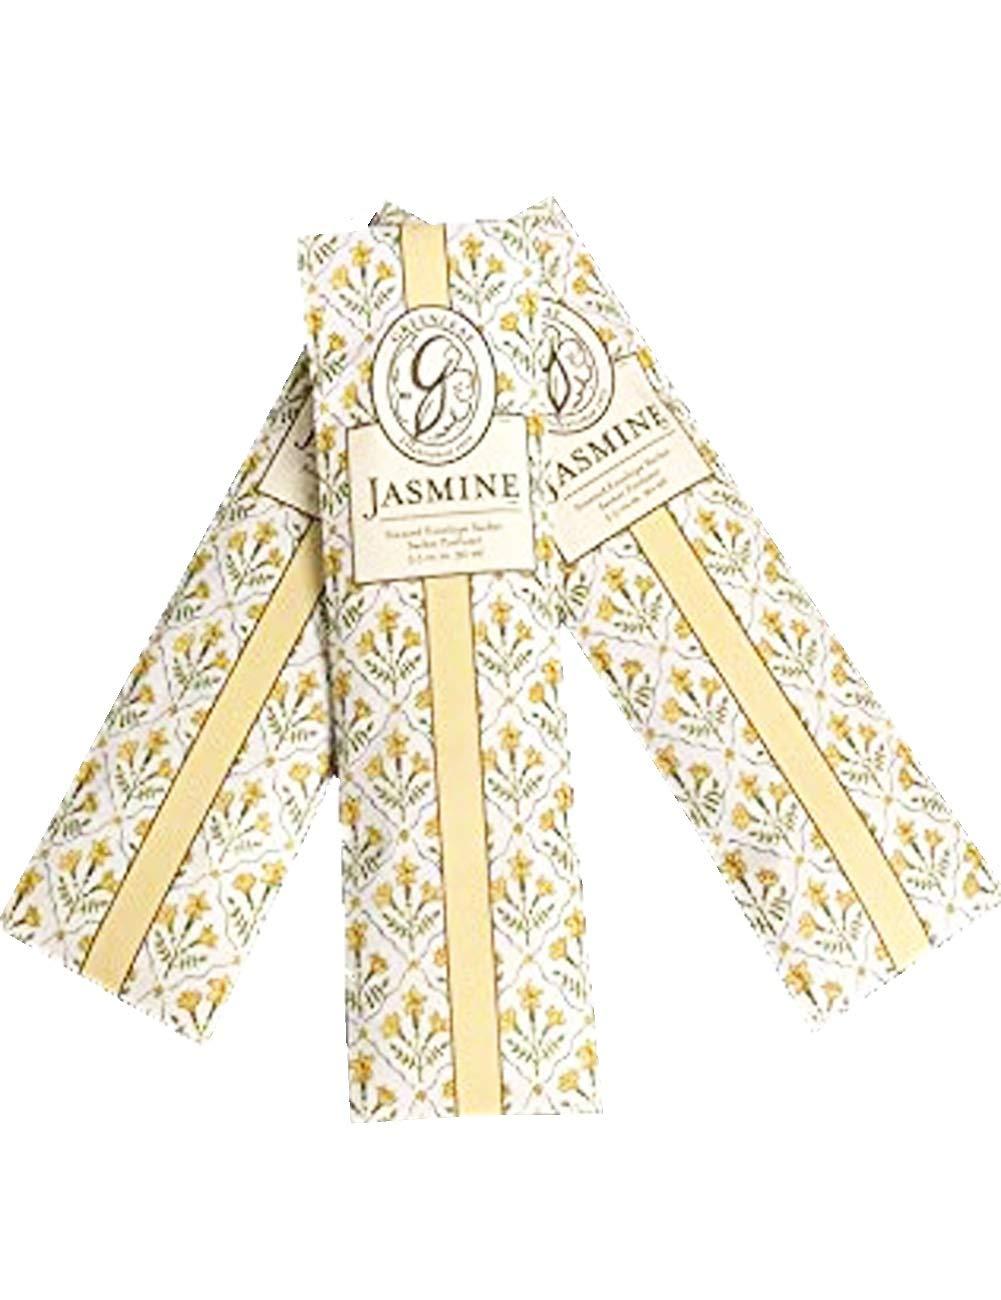 GREENLEAF Fragrant Slim Sachet Scented Envelopes Drawer Liners, Room and Car Freshener Set of 3 (Jasmine Flower) by GREENLEAF (Image #1)